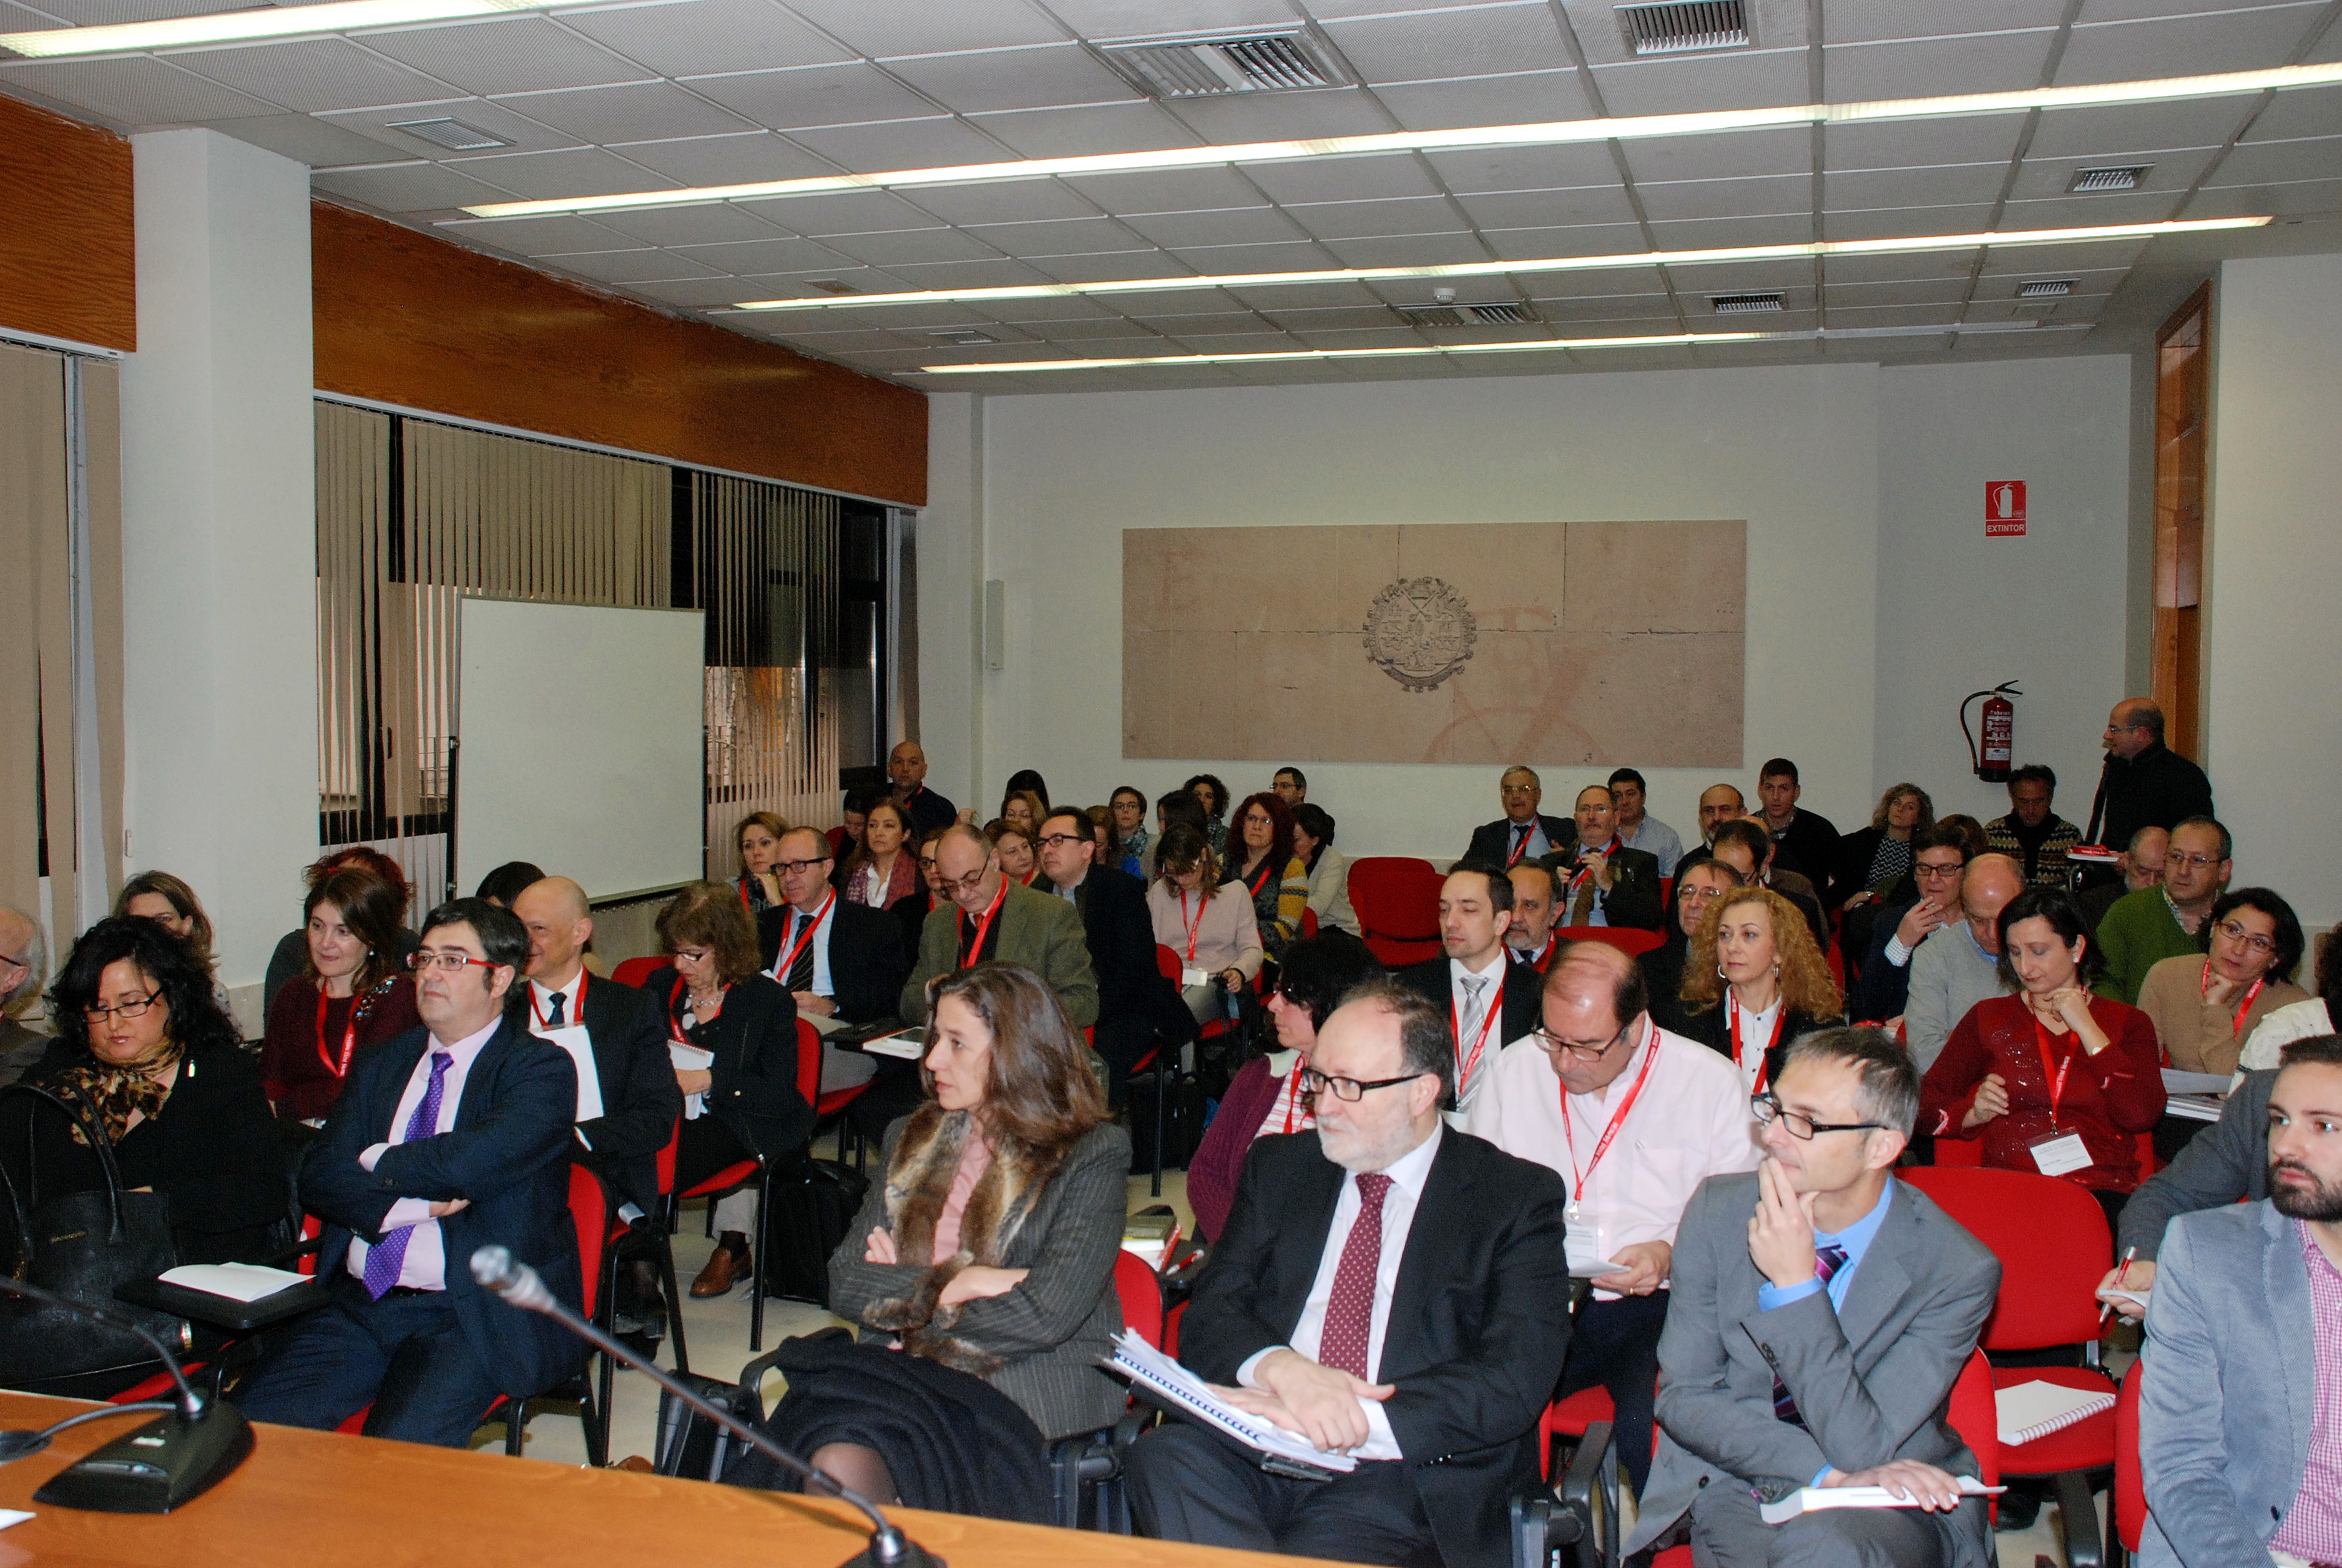 El rector inaugura en la Facultad de Derecho el curso 'El nuevo régimen jurídico de las Universidades'